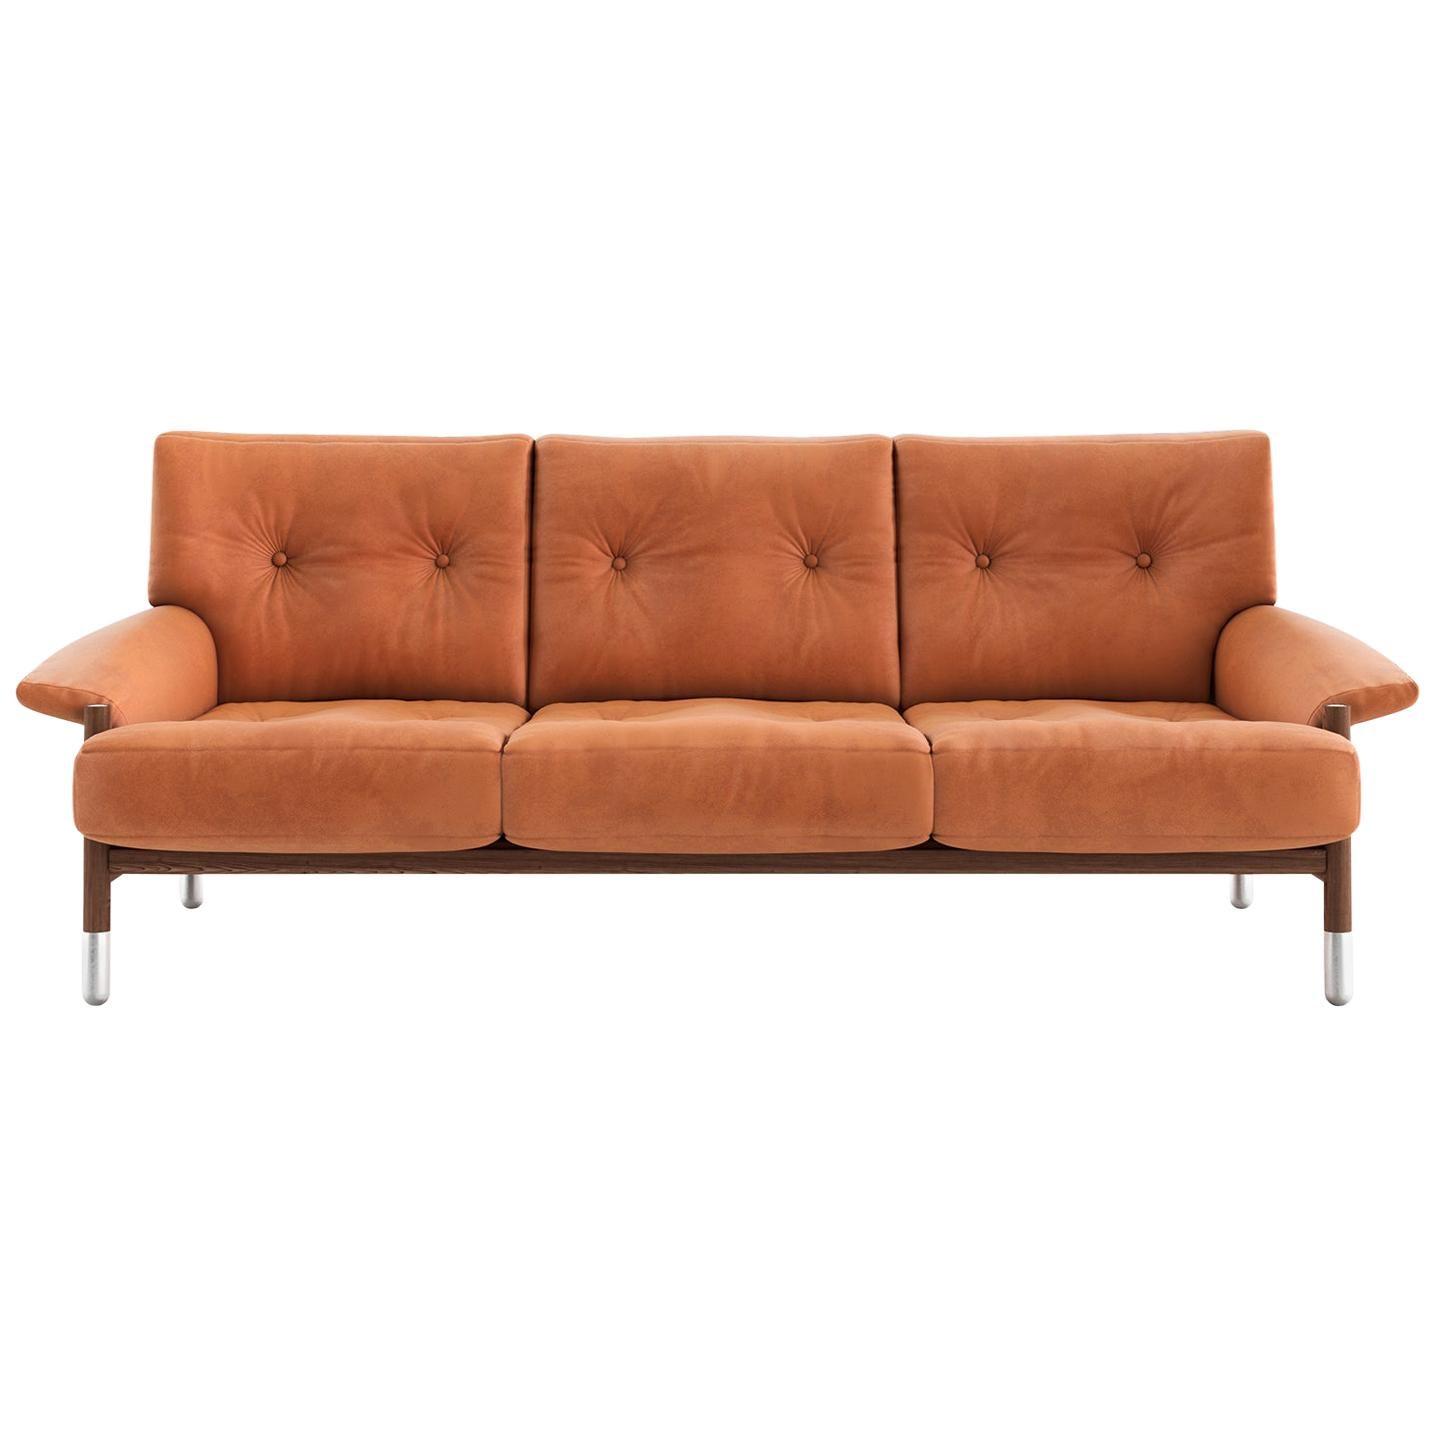 Tacchini Sella Three-Seater Sofa in Canaletto Walnut Base by Carlo De Carli